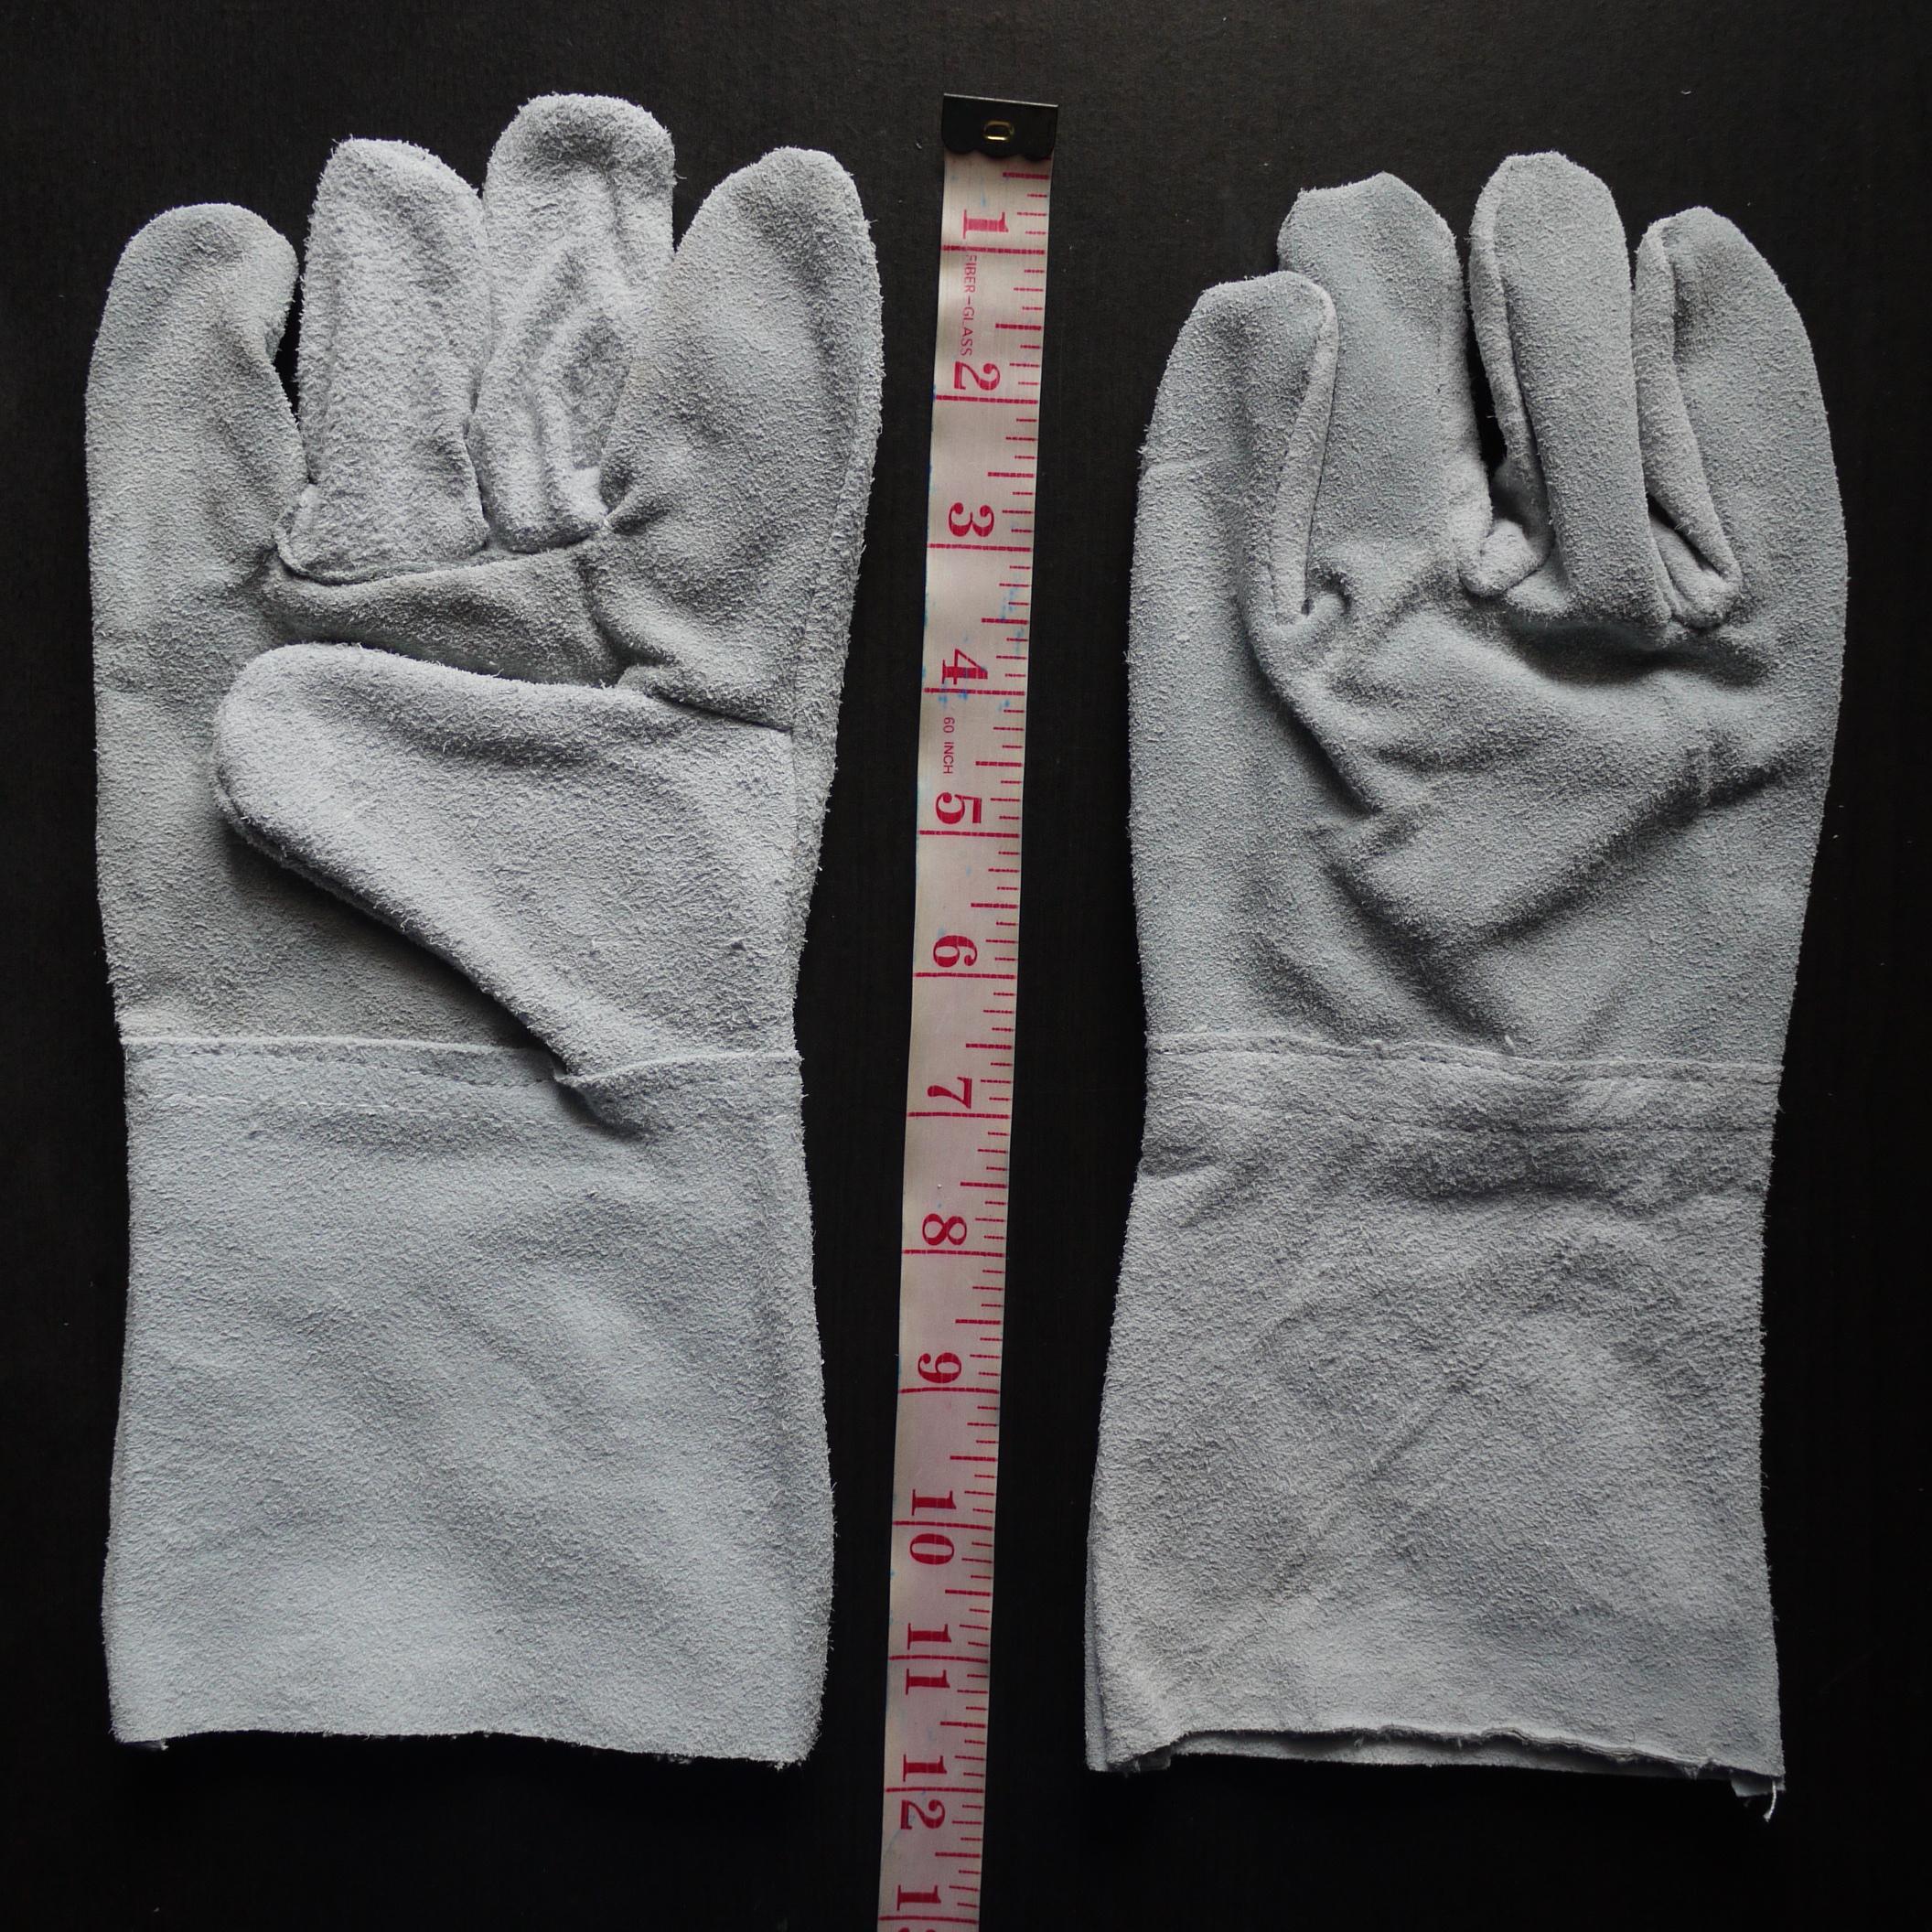 ถุงมือหนังท้อง ยาว 12 นิ้ว